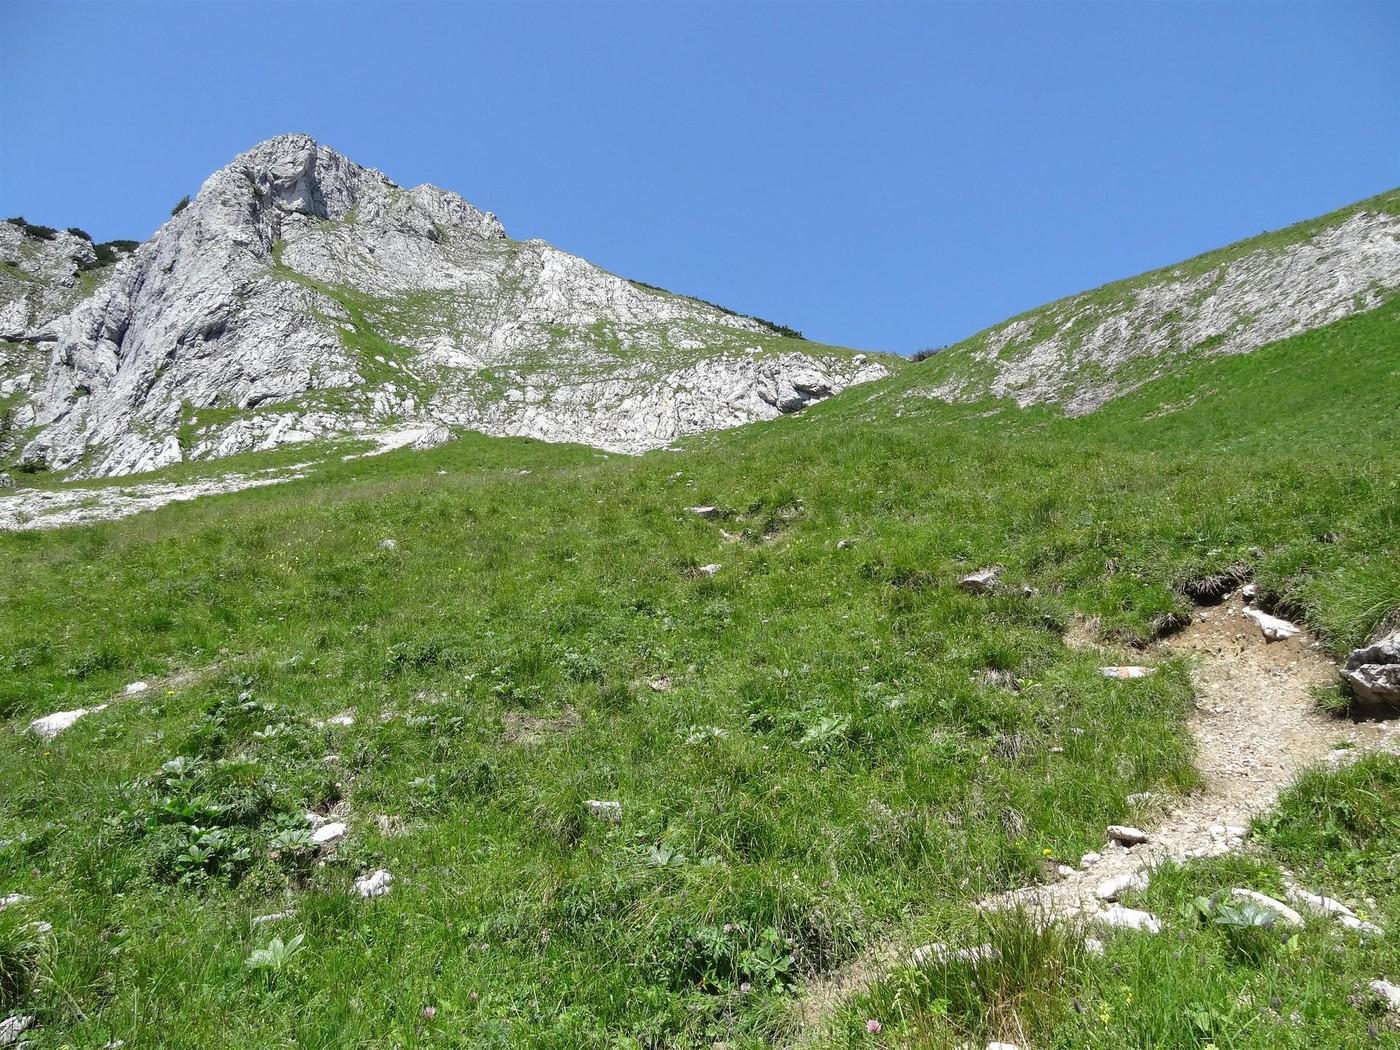 Klettersteig Leopoldsteinersee : Klettersteig kaiser franz joseph leopoldsteinersee eisenerz